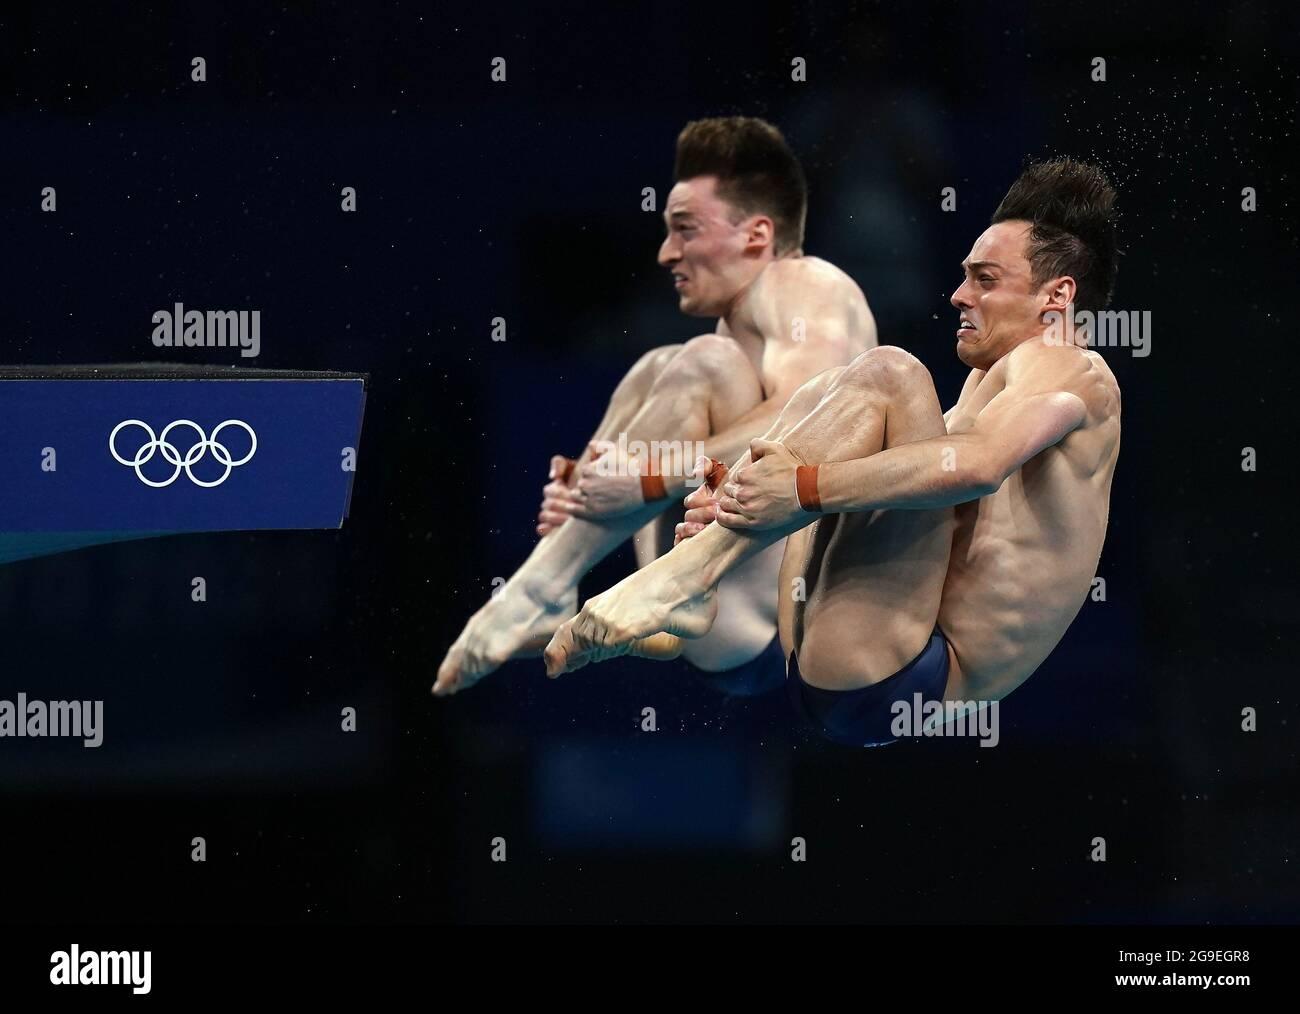 Die Briten Tom Daley (rechts) und Matty Lee während des synchronisierten 10-m-Plattformmennals der Männer im Tokyo Aquatics Center am dritten Tag der Olympischen Spiele 2020 in Tokio in Japan. Bilddatum: Montag, 26. Juli 2021. Stockfoto